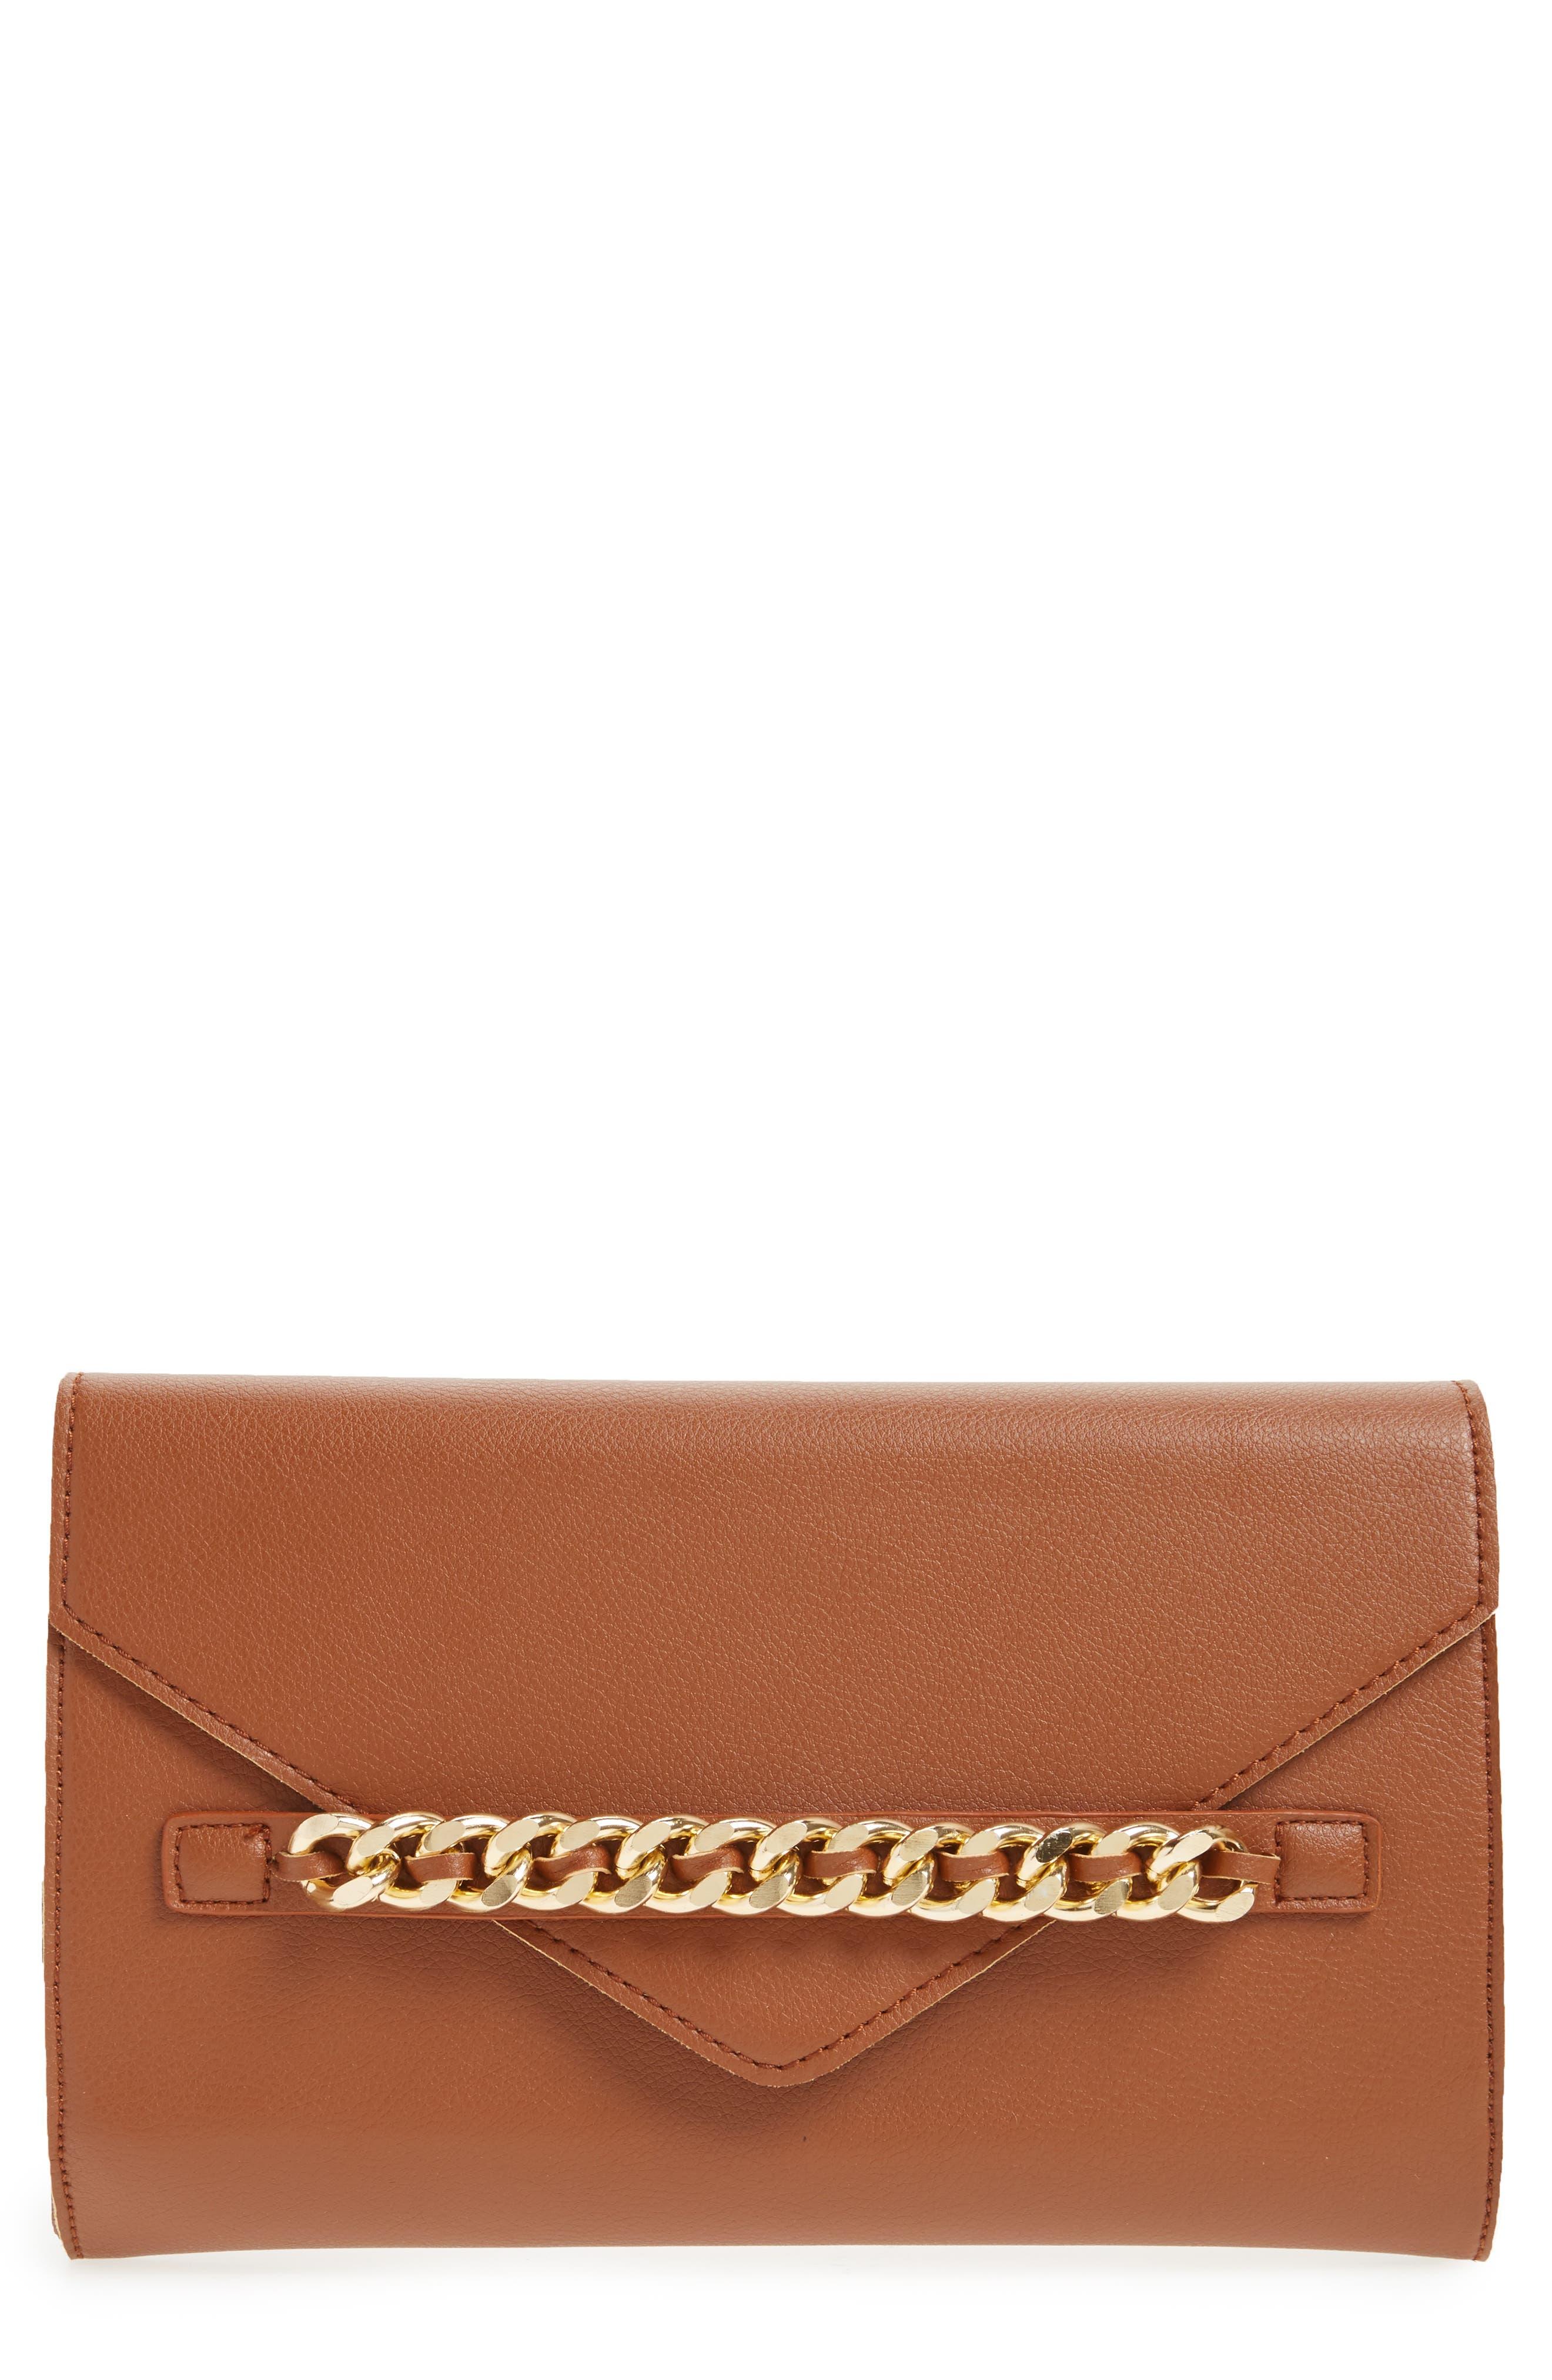 Chain Faux Leather Envelope Clutch,                             Main thumbnail 1, color,                             Cognac